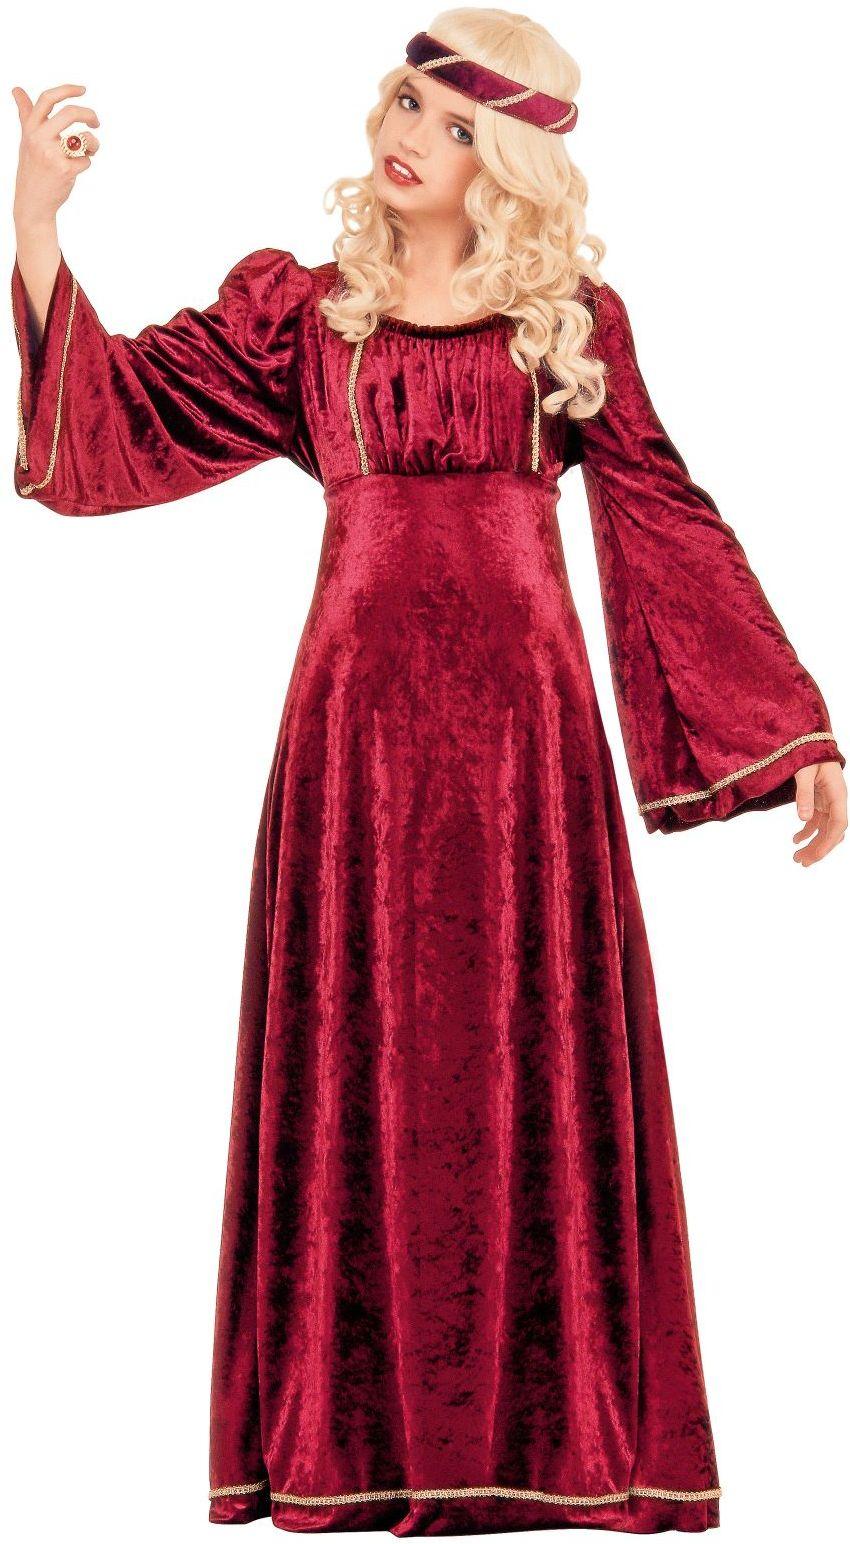 Middeleeuwse jurk kind